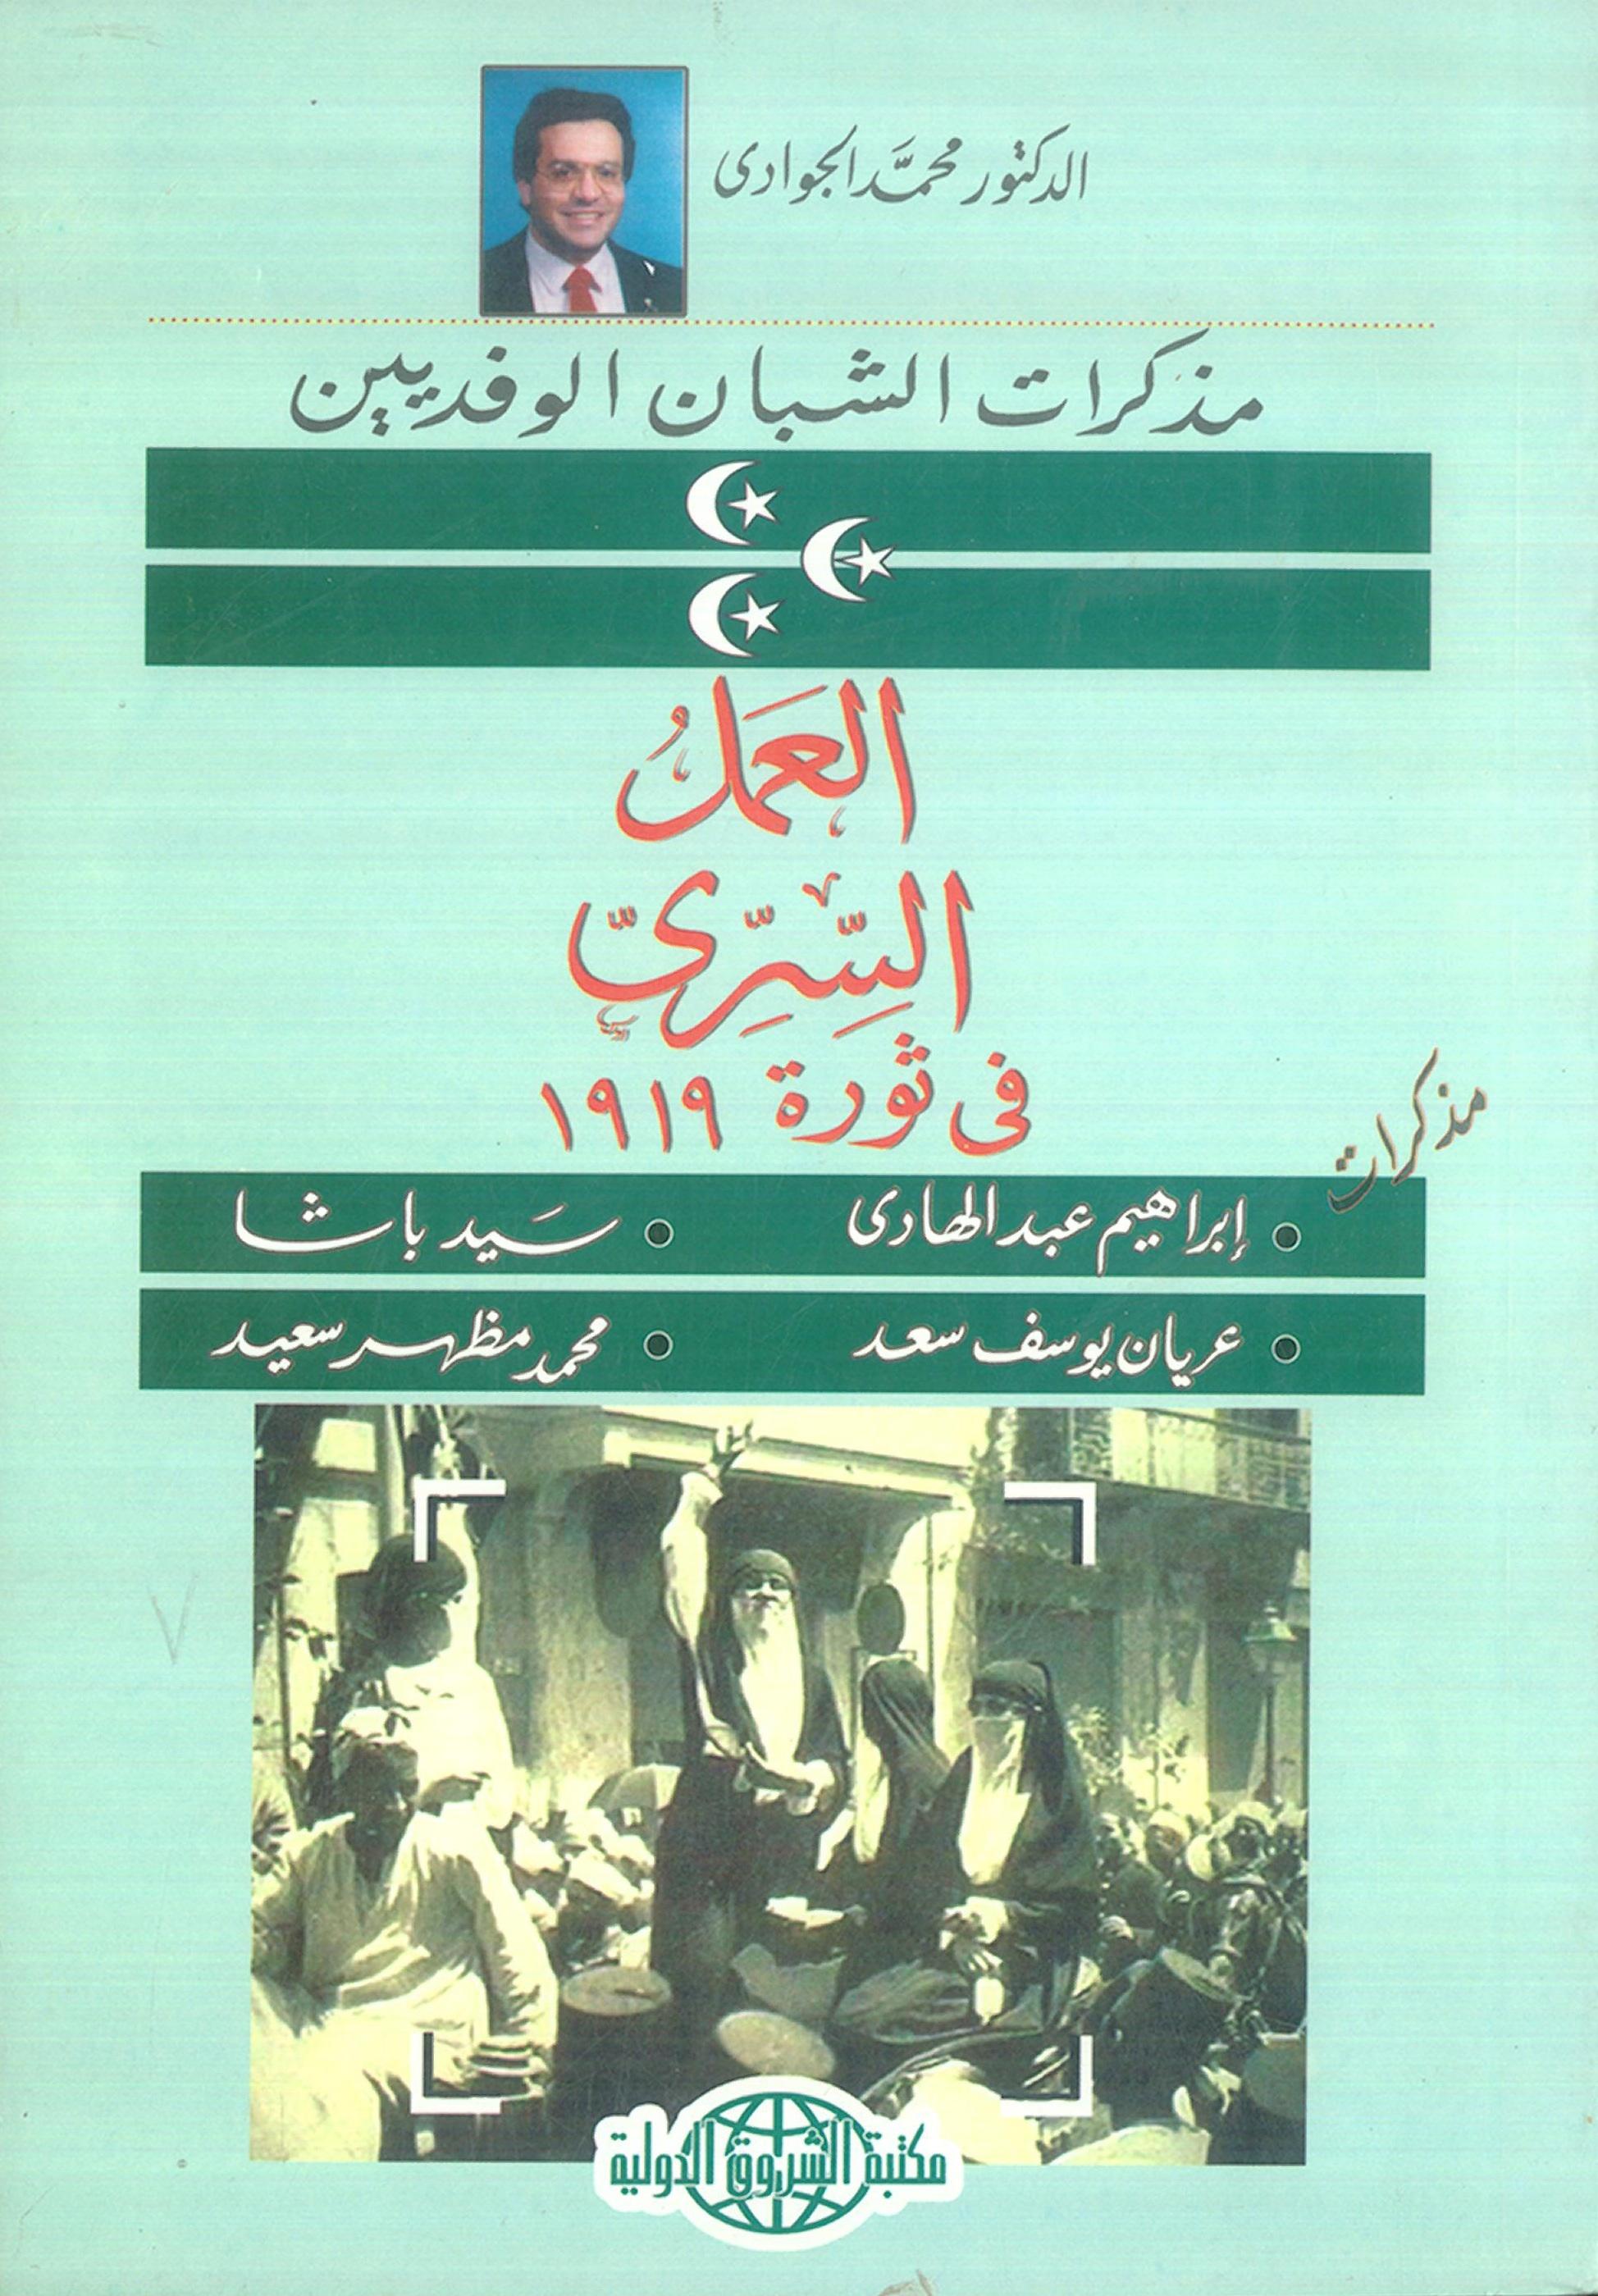 العمل السري في ثورة ١٩١٩